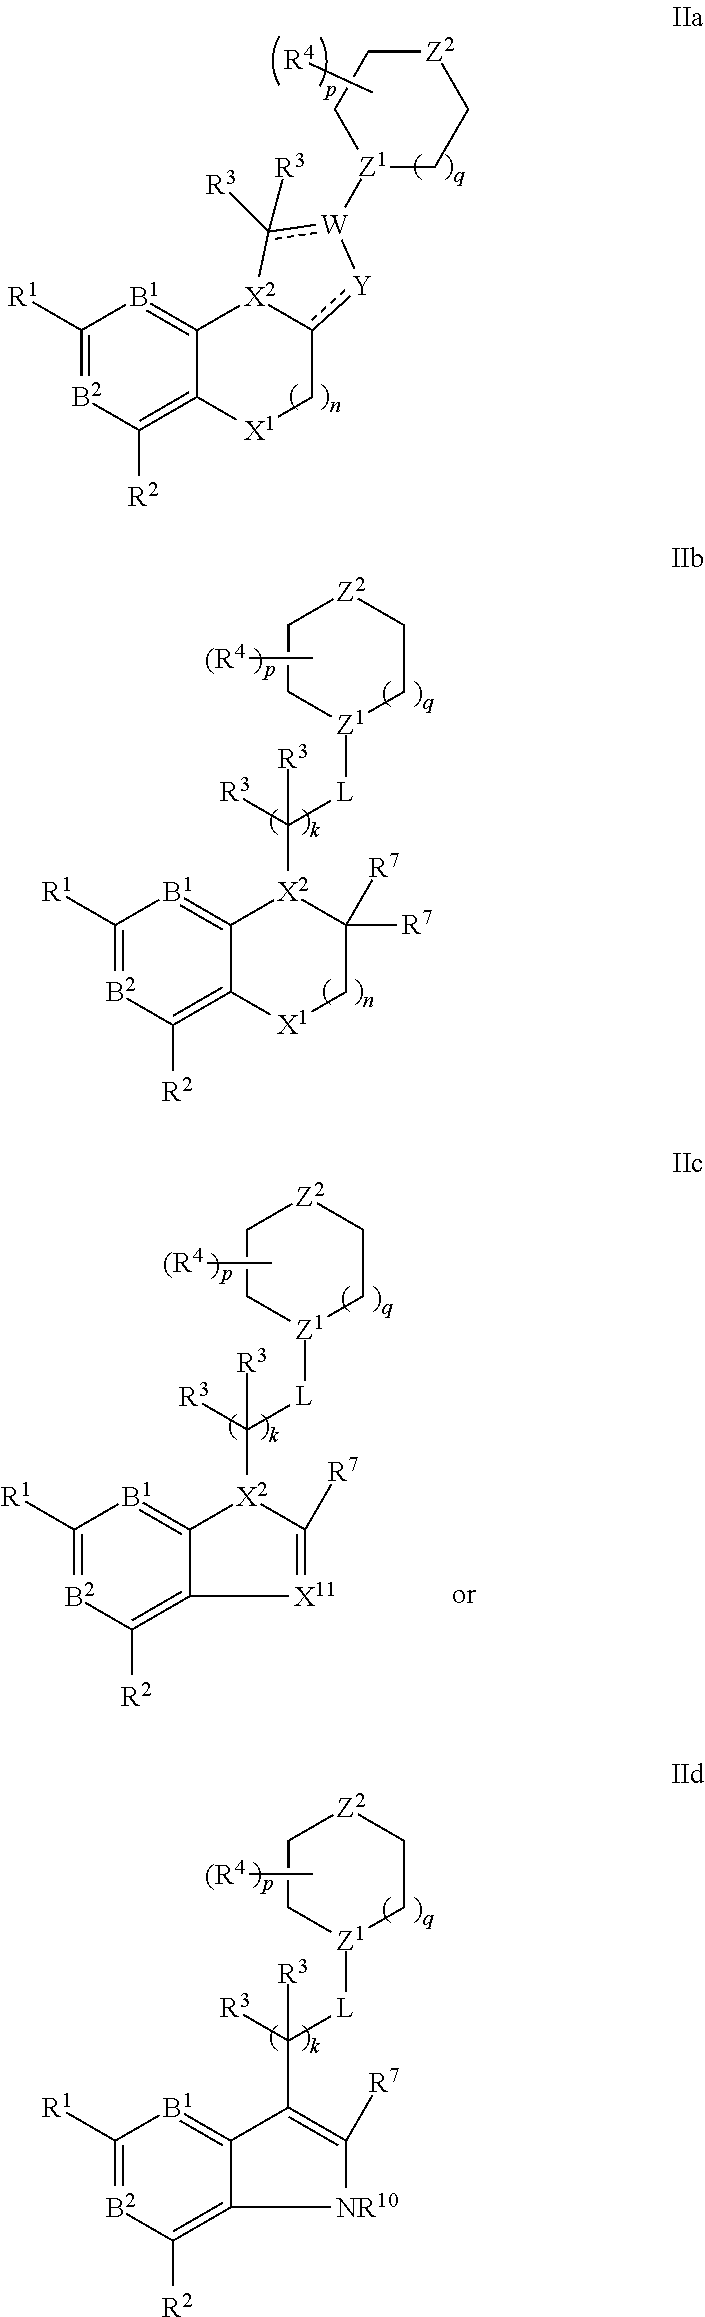 Figure US20190106394A1-20190411-C00002